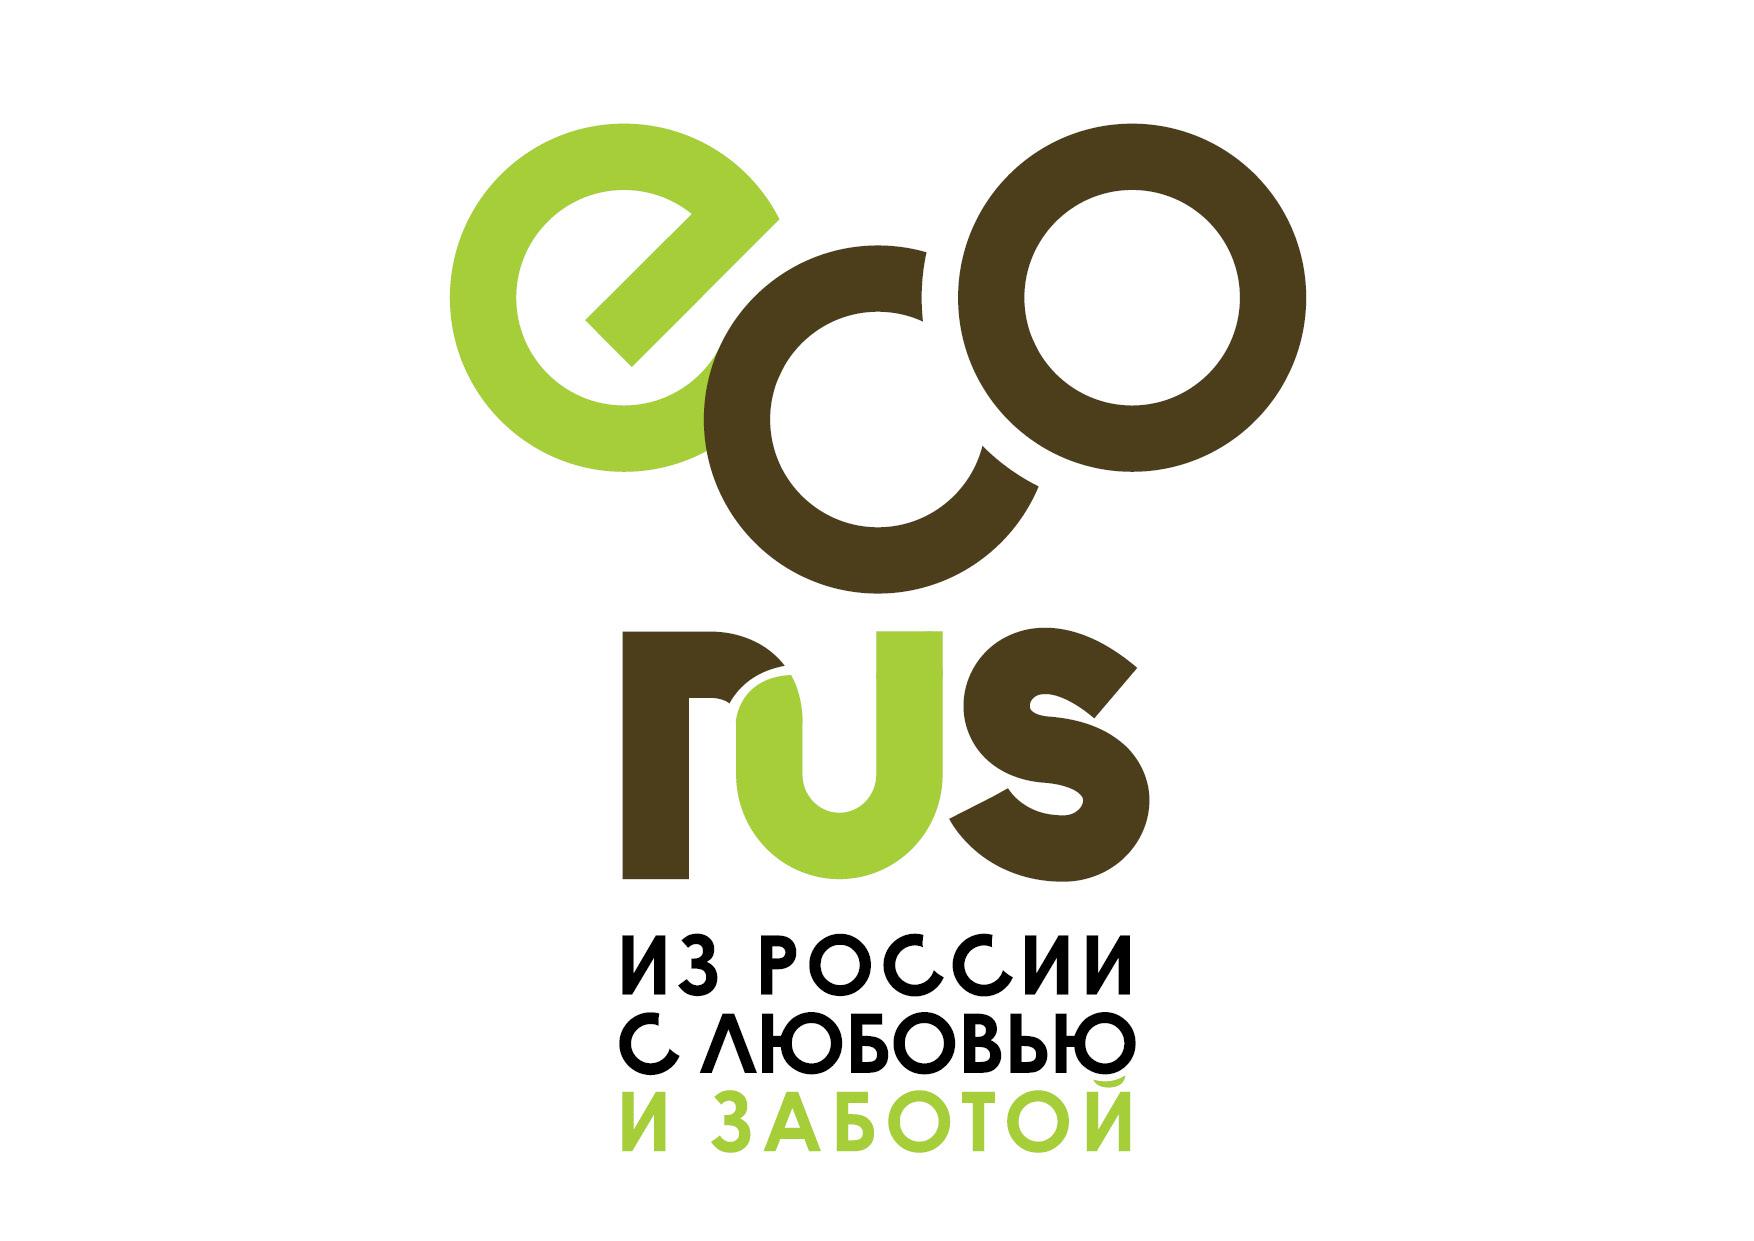 Логотип для поставщика продуктов питания из России в Китай фото f_9165ea7fc4d3f3ef.jpg